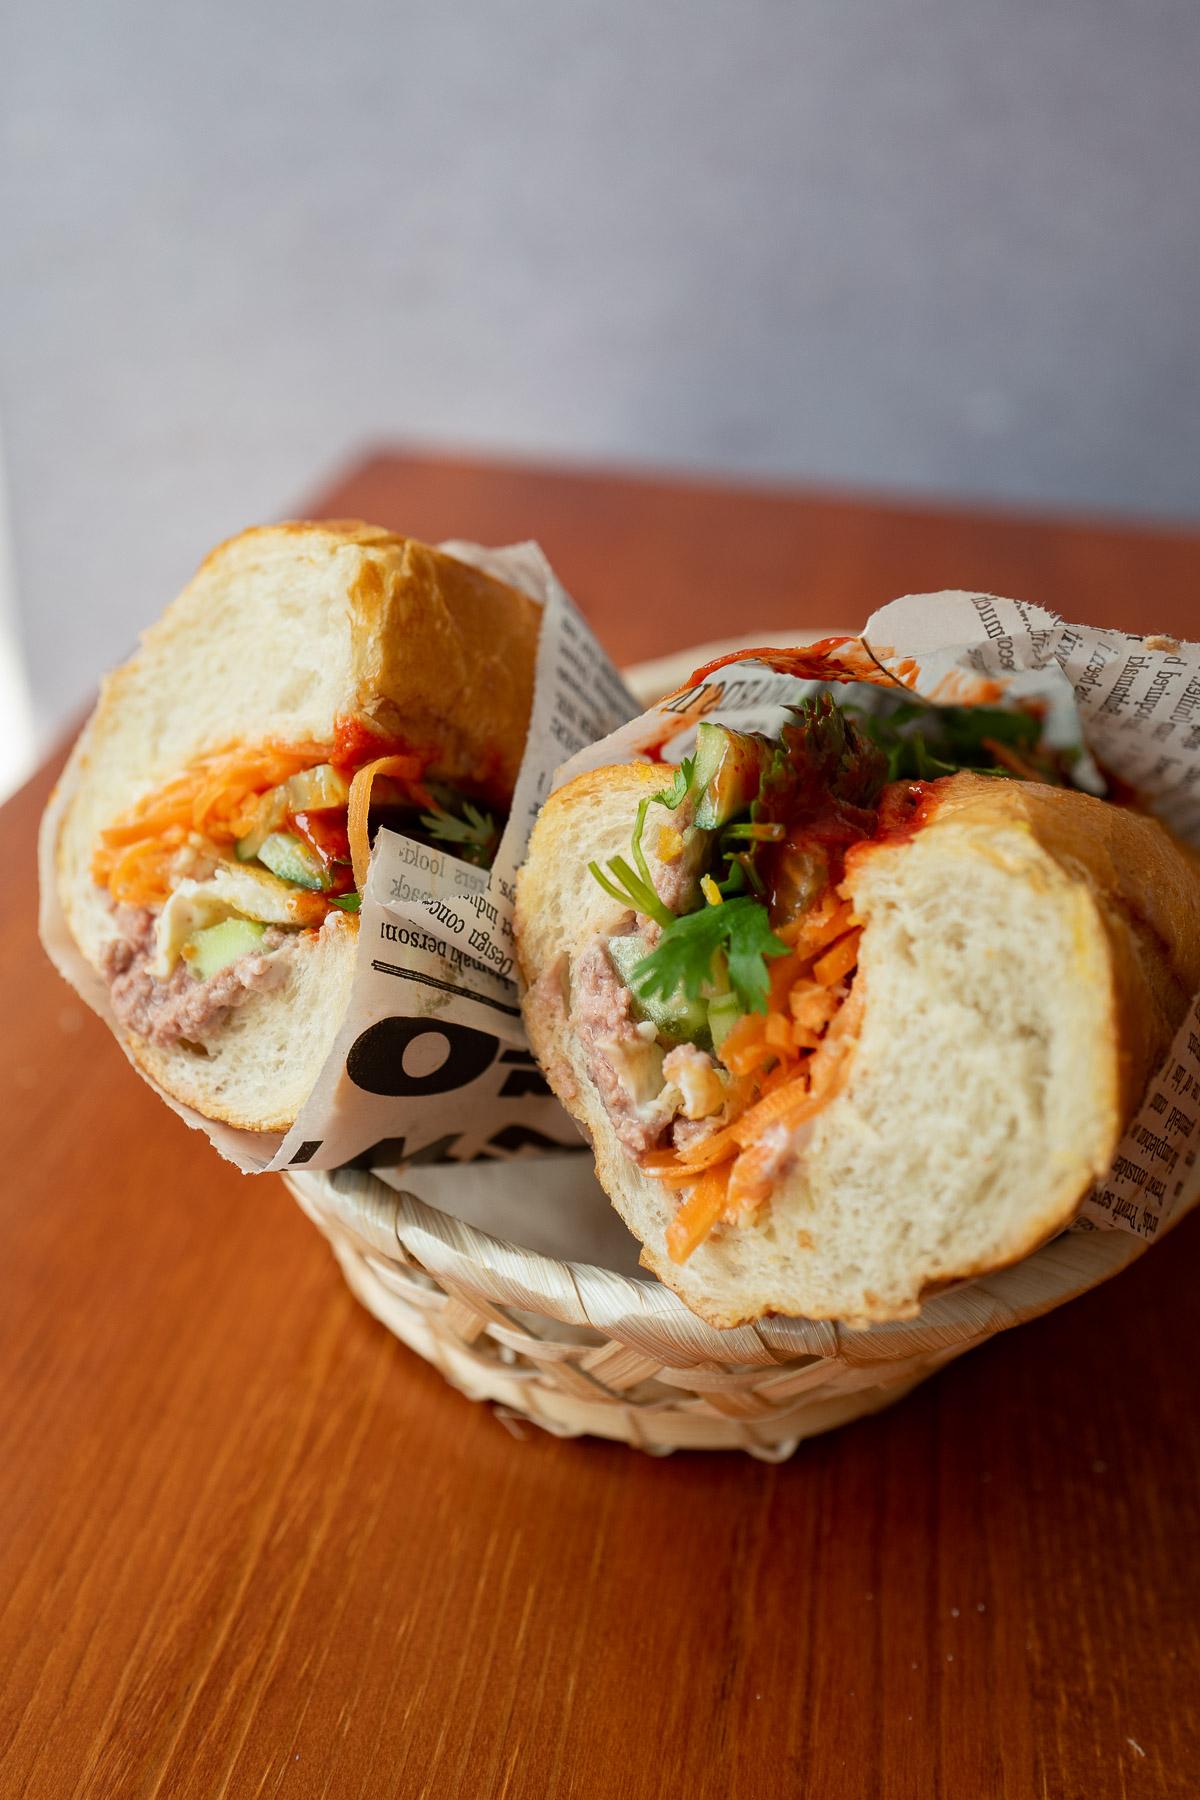 bánh mì pâté - 15 zł